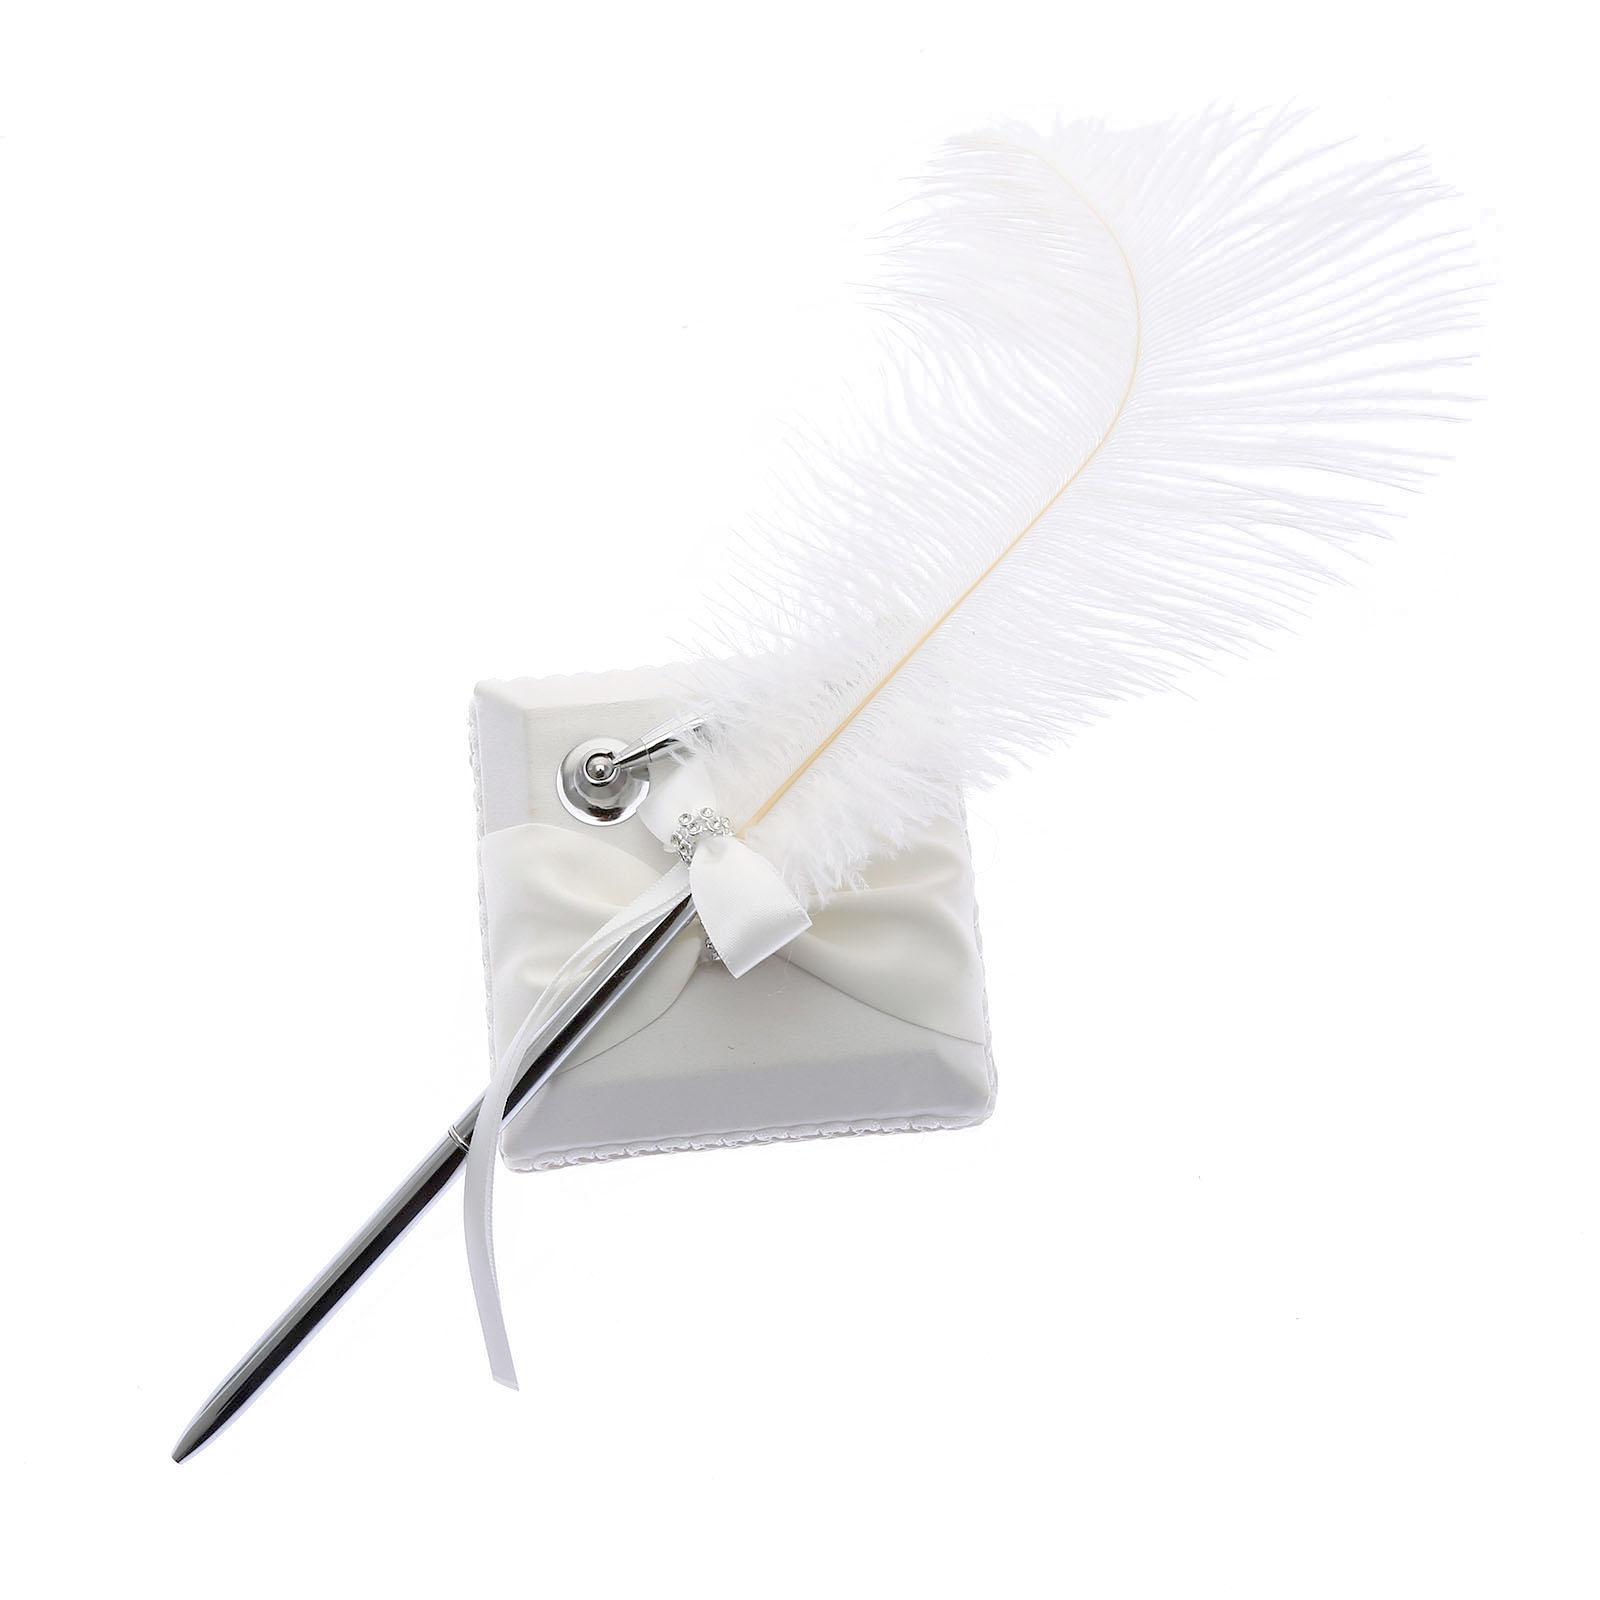 Ручка с пером для свадьбы своими руками 47